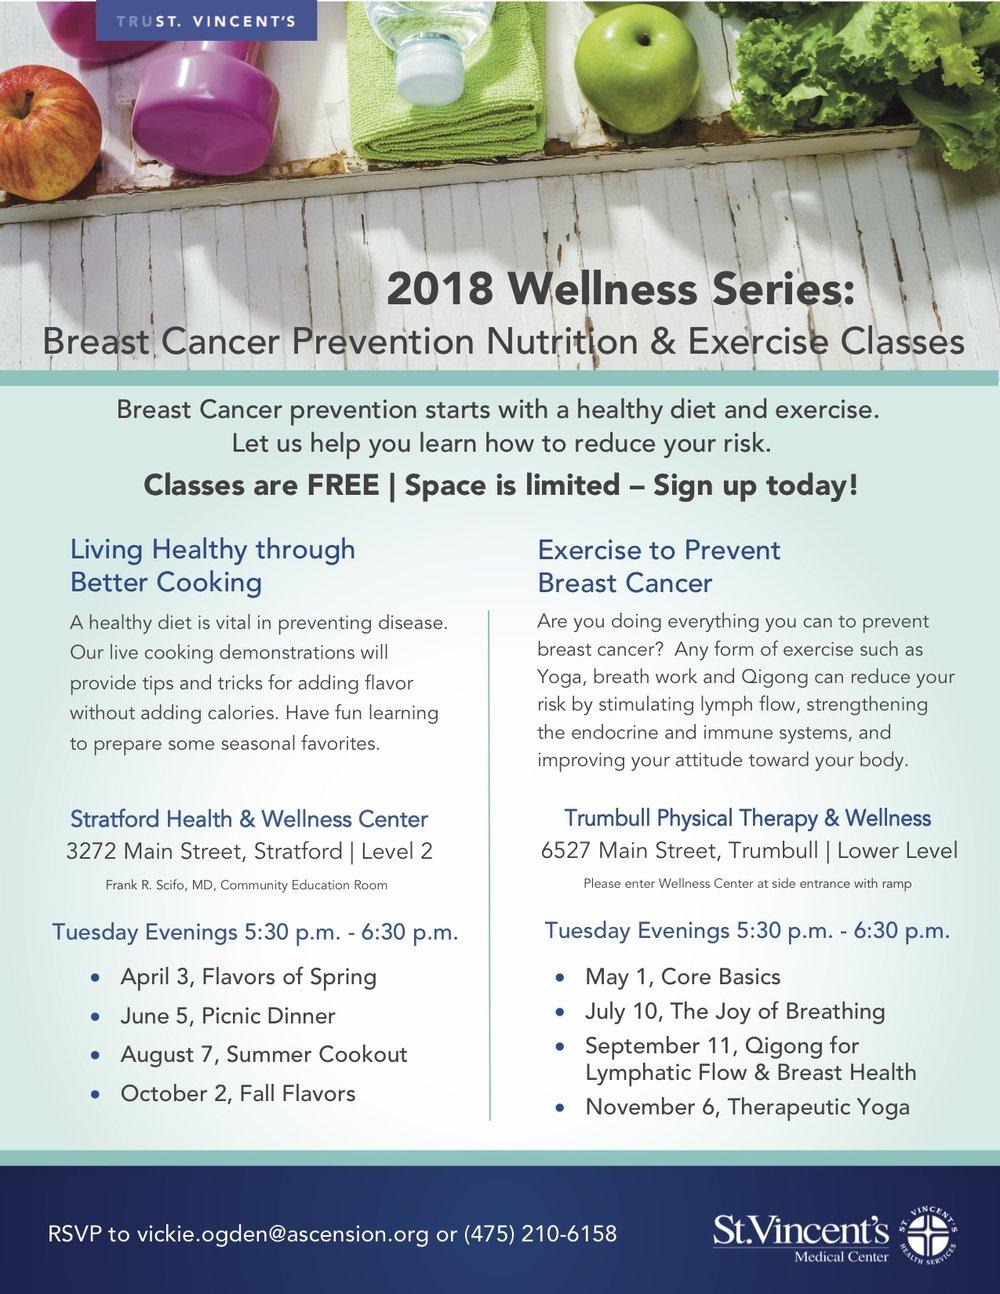 Wellness Classes_FINAL_032118.jpg